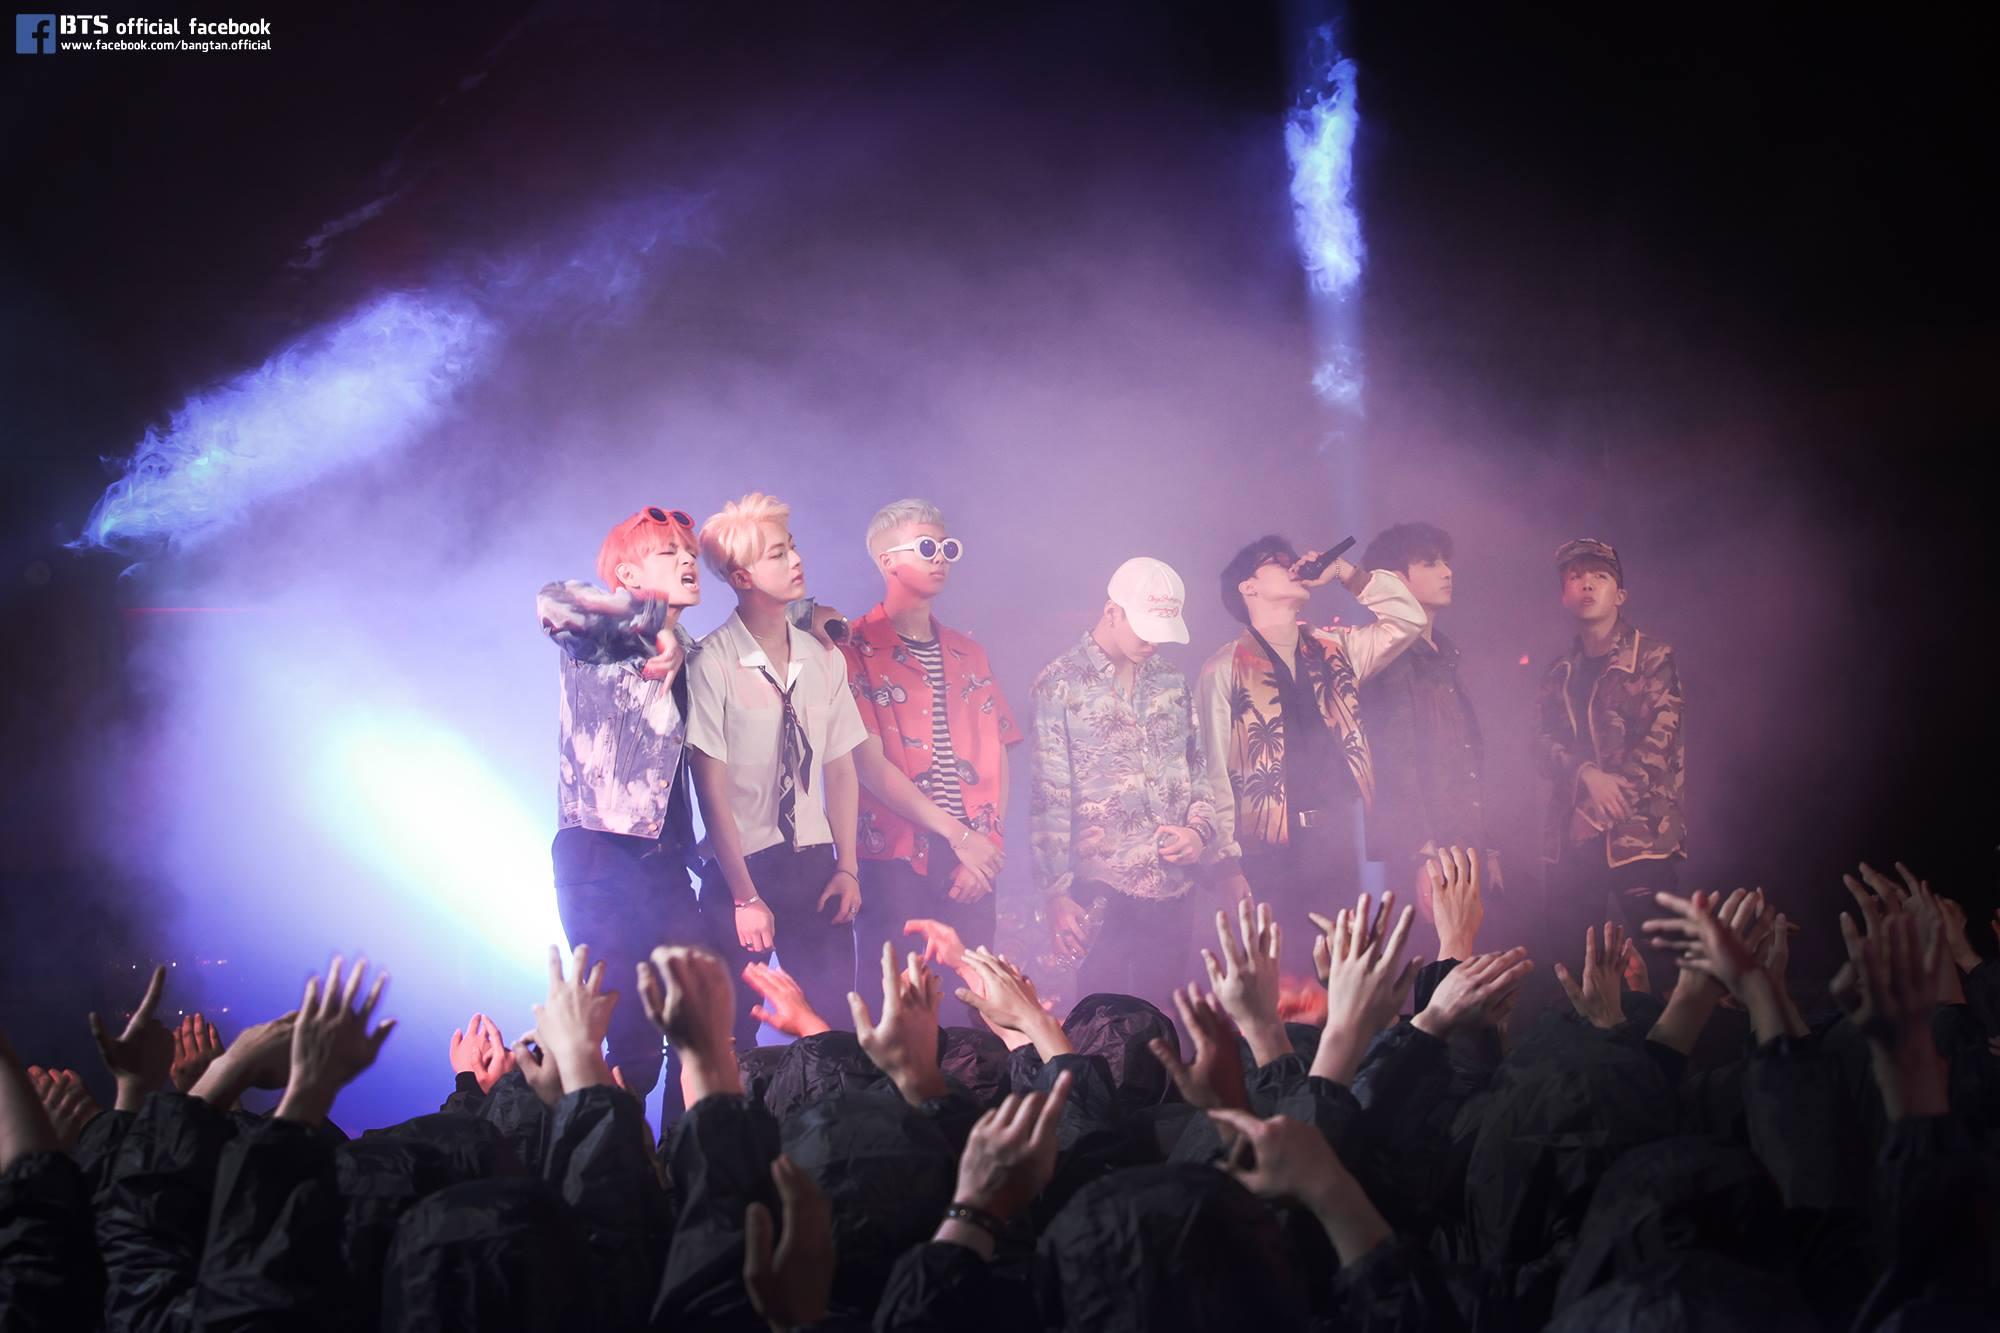 正在舉辦亞洲巡迴演唱會<花樣年華 on stage : epilogue>的他們,演唱會的門票也銷售一空~